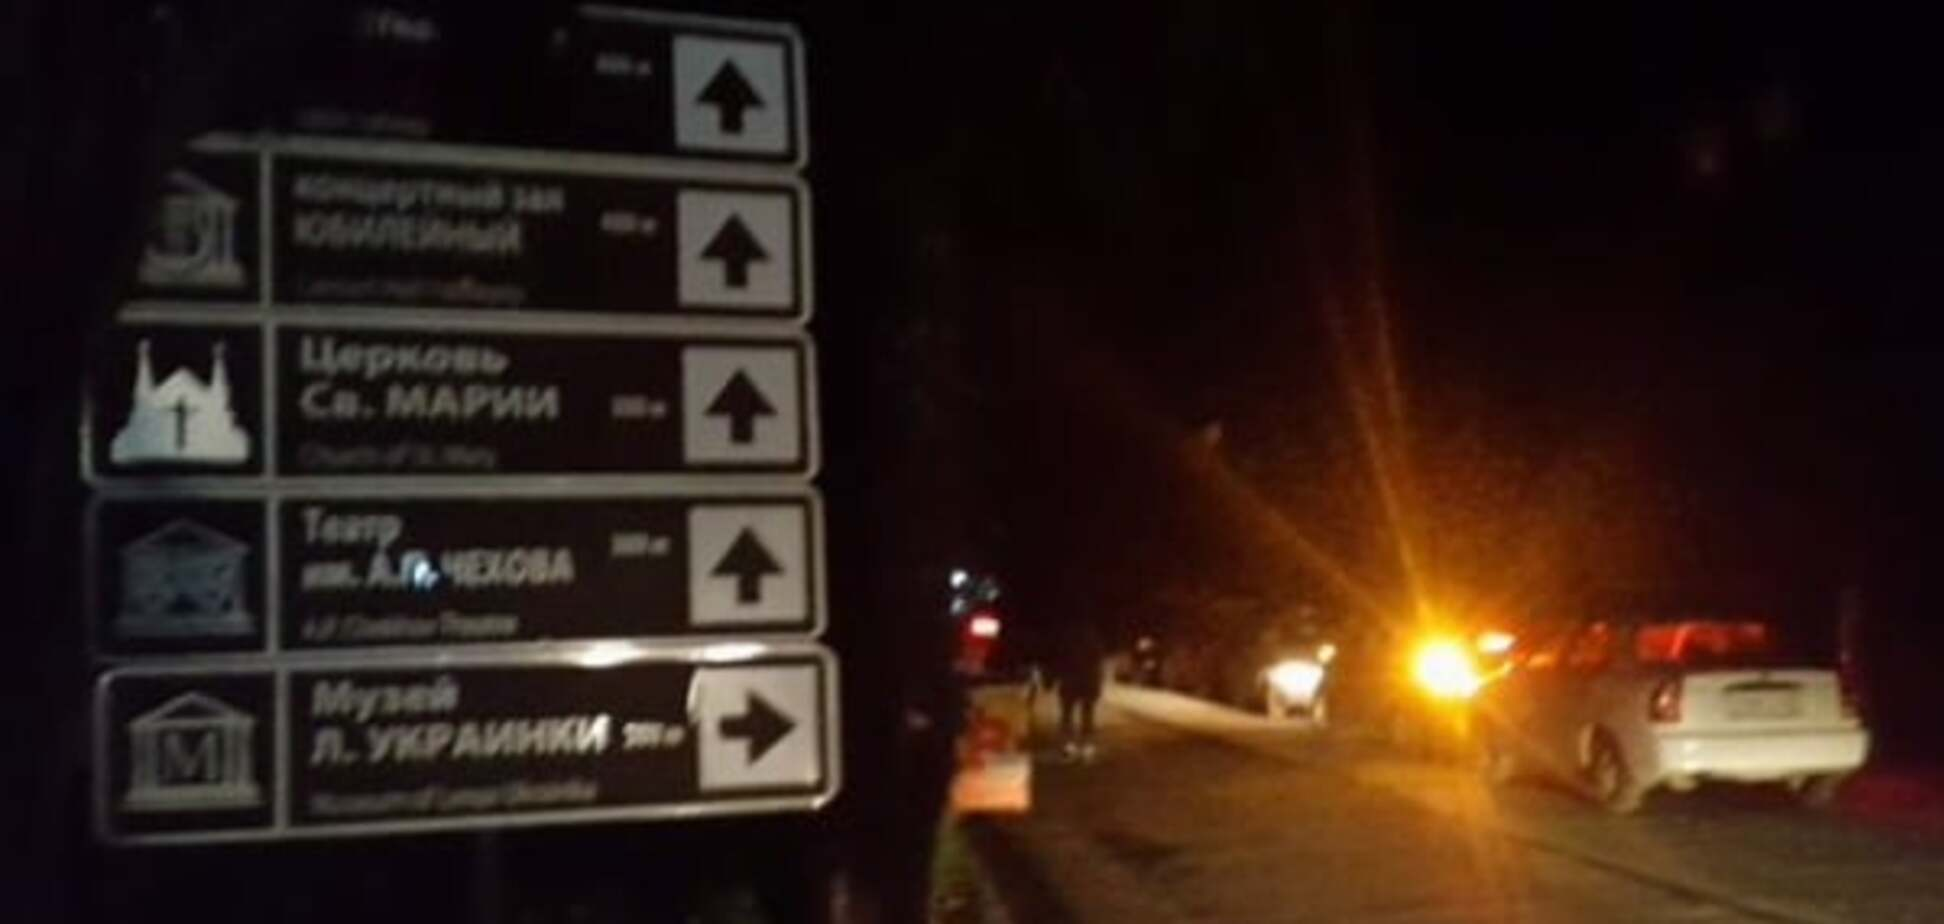 Блогер о блэкауте в Крыму: регион превращается в экстрим-курорт